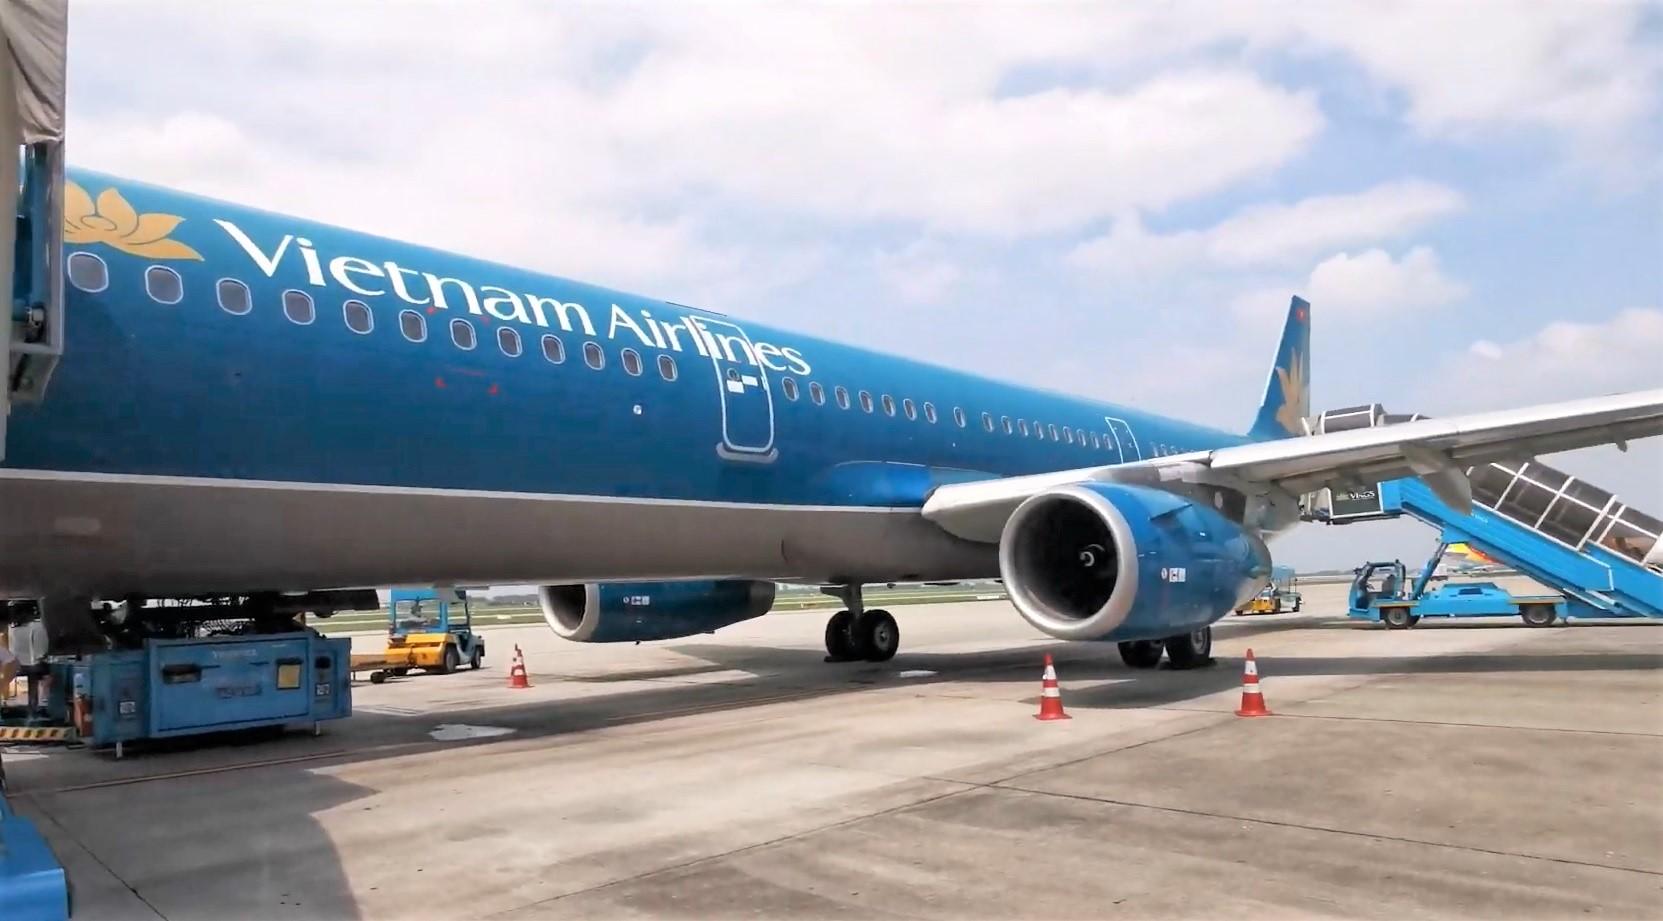 Các hãng hàng không được mở lại 19 đường bay từ ngày 10/10 - Ảnh 1.